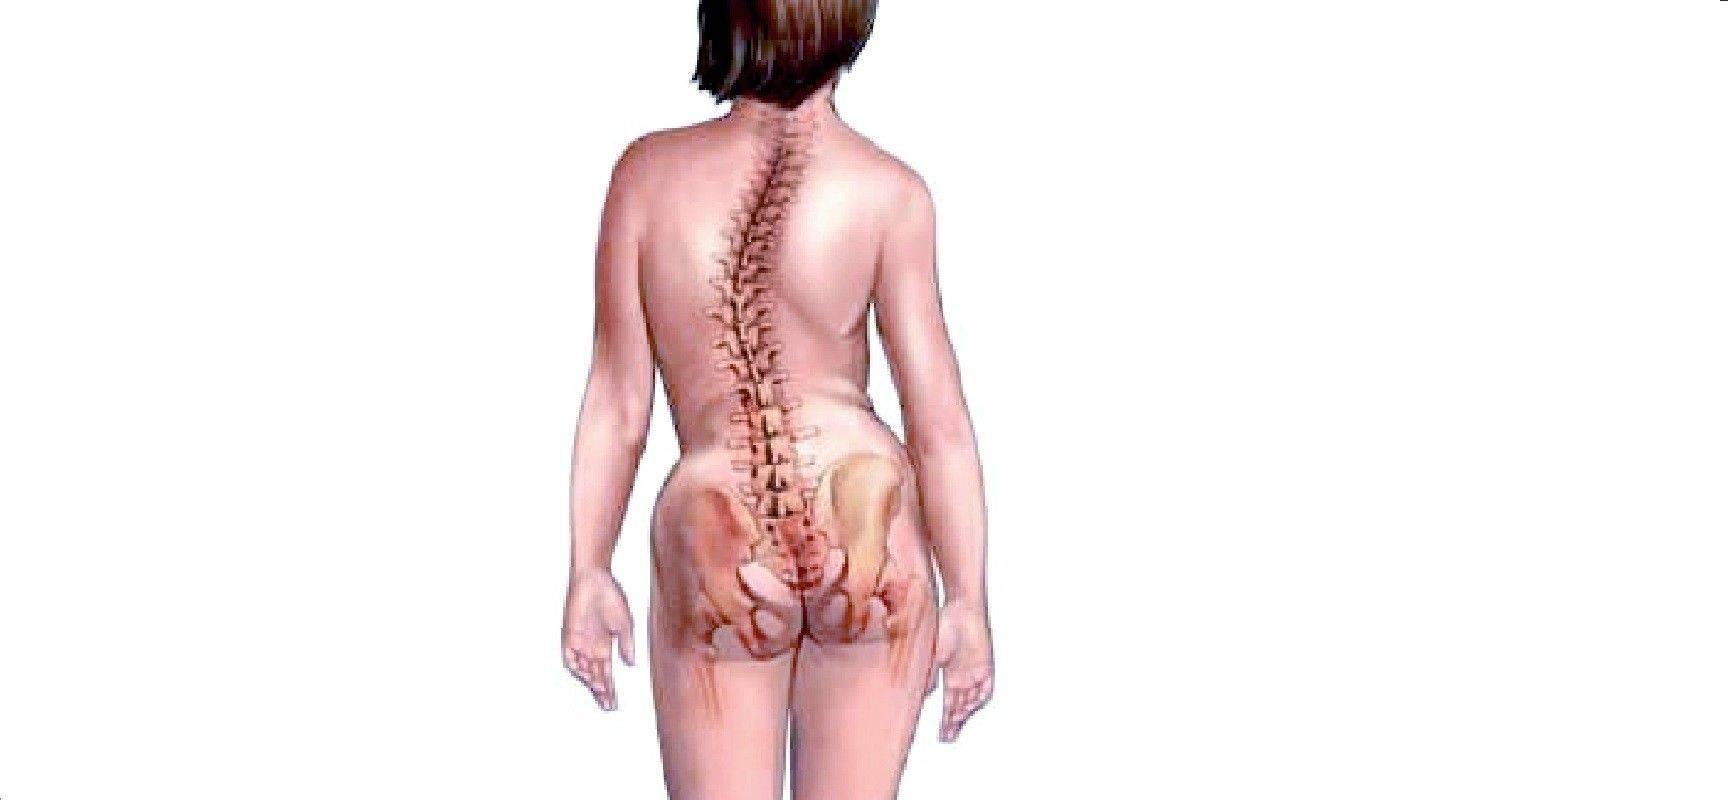 Синдром конского хвоста у человека: симптомы и лечение поражения